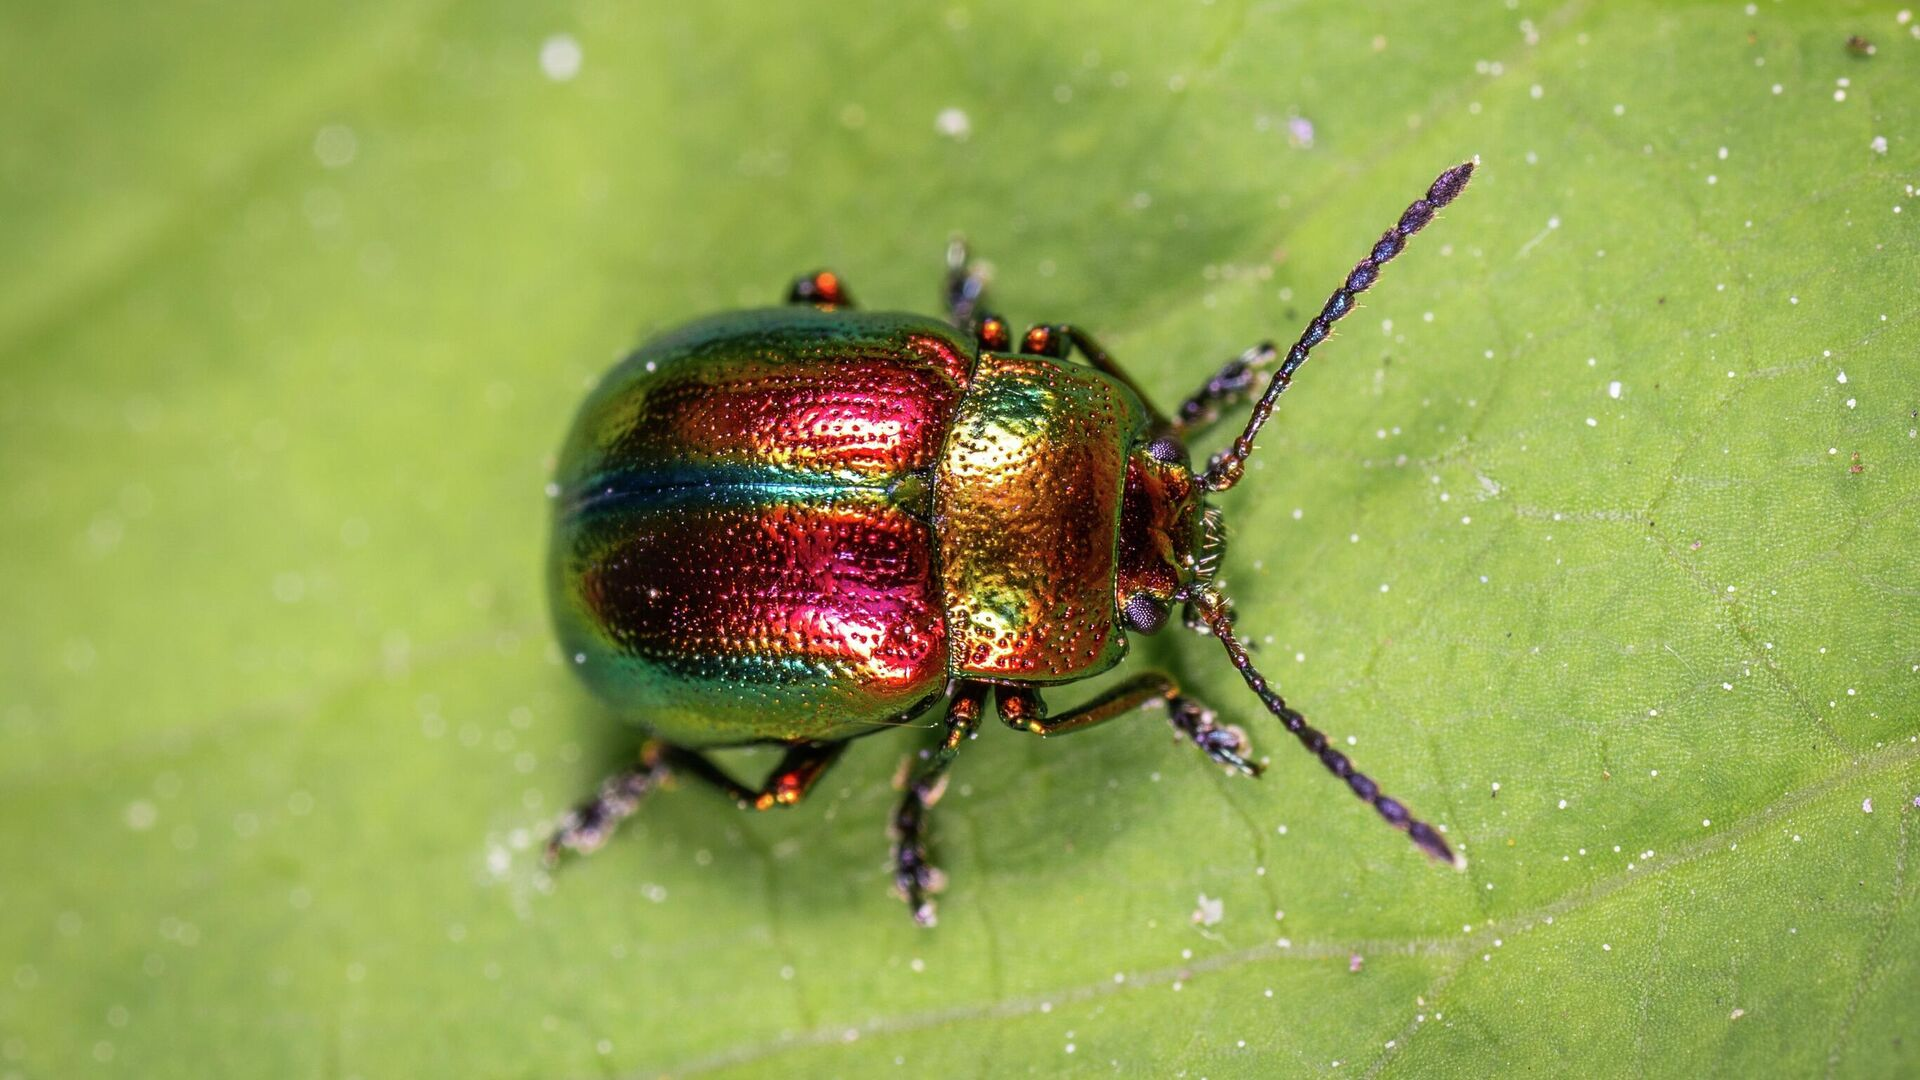 Un escarabajo, imagen referencial - Sputnik Mundo, 1920, 03.07.2021